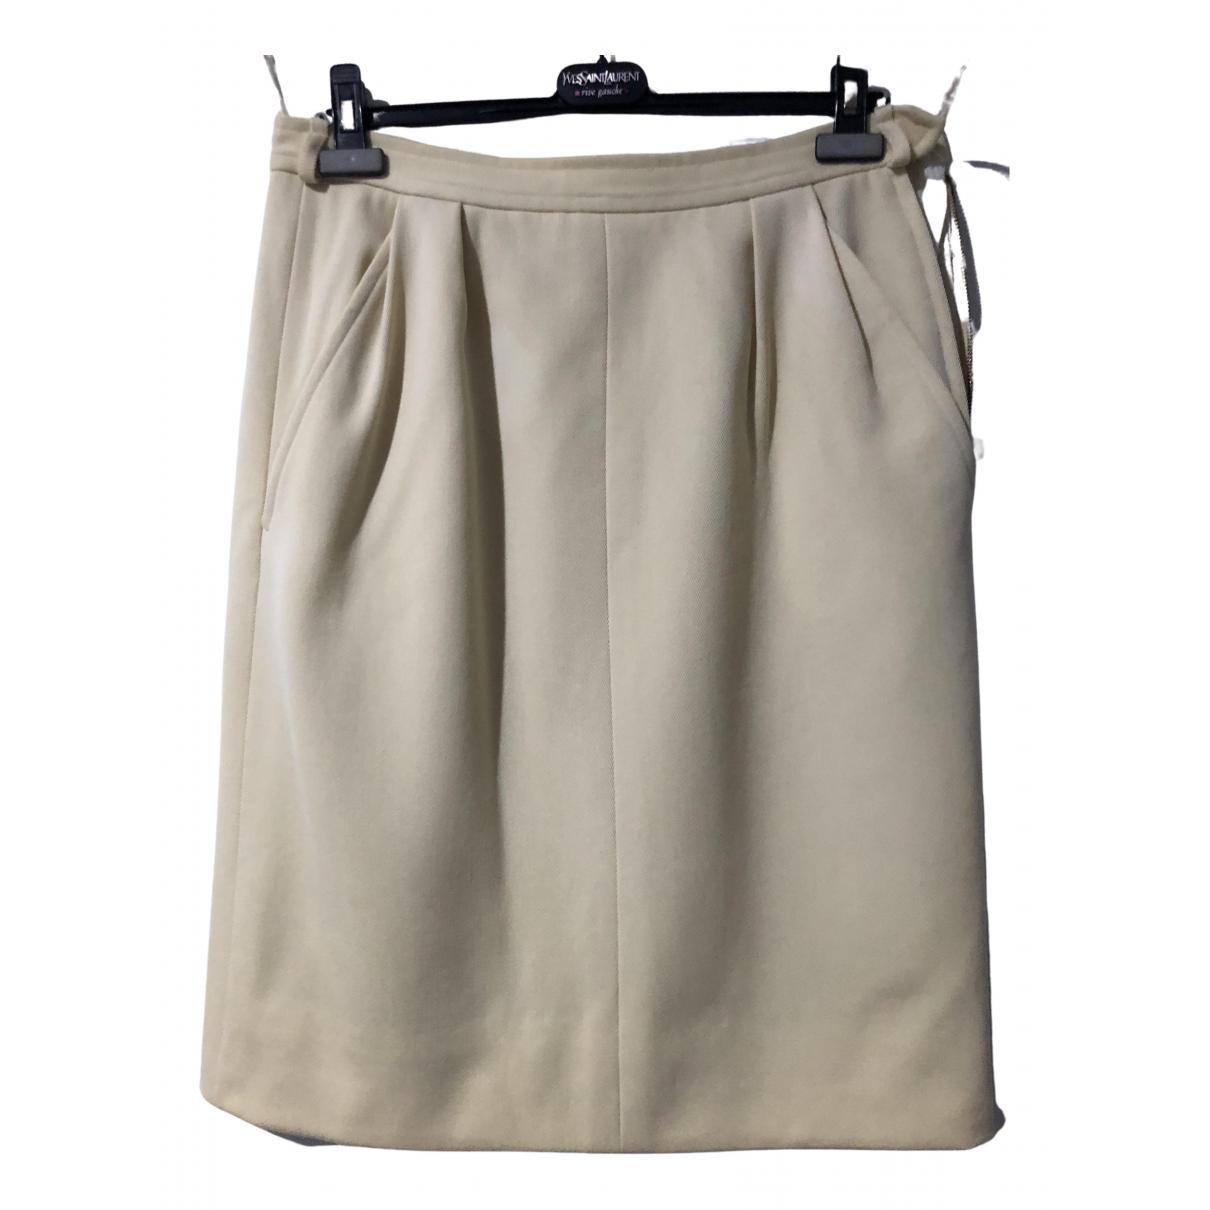 Yves Saint Laurent \N Beige Cotton skirt for Women 44 FR